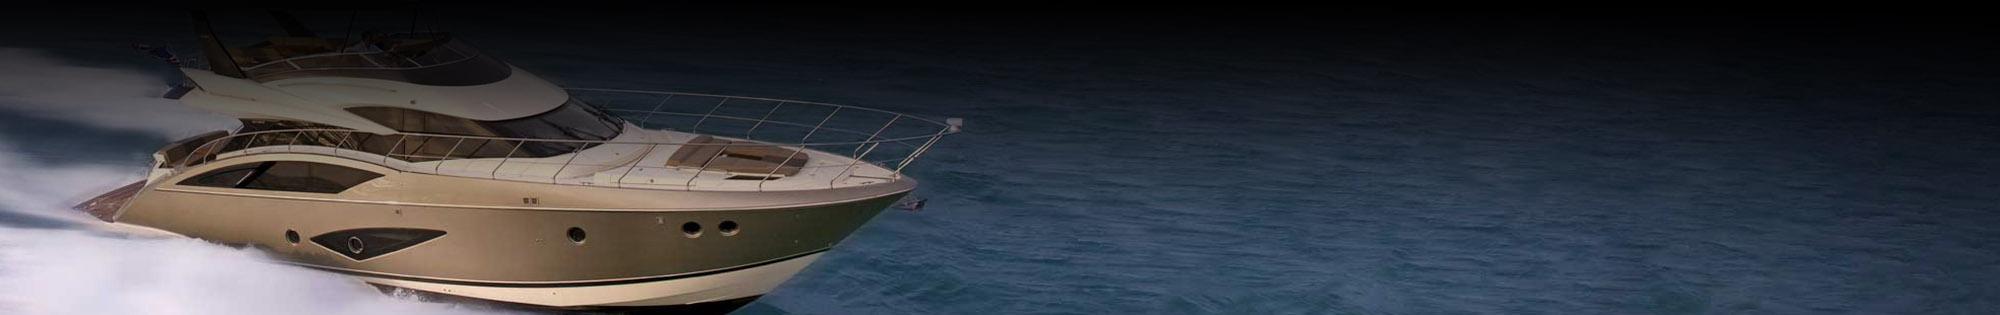 Marine signaling boat